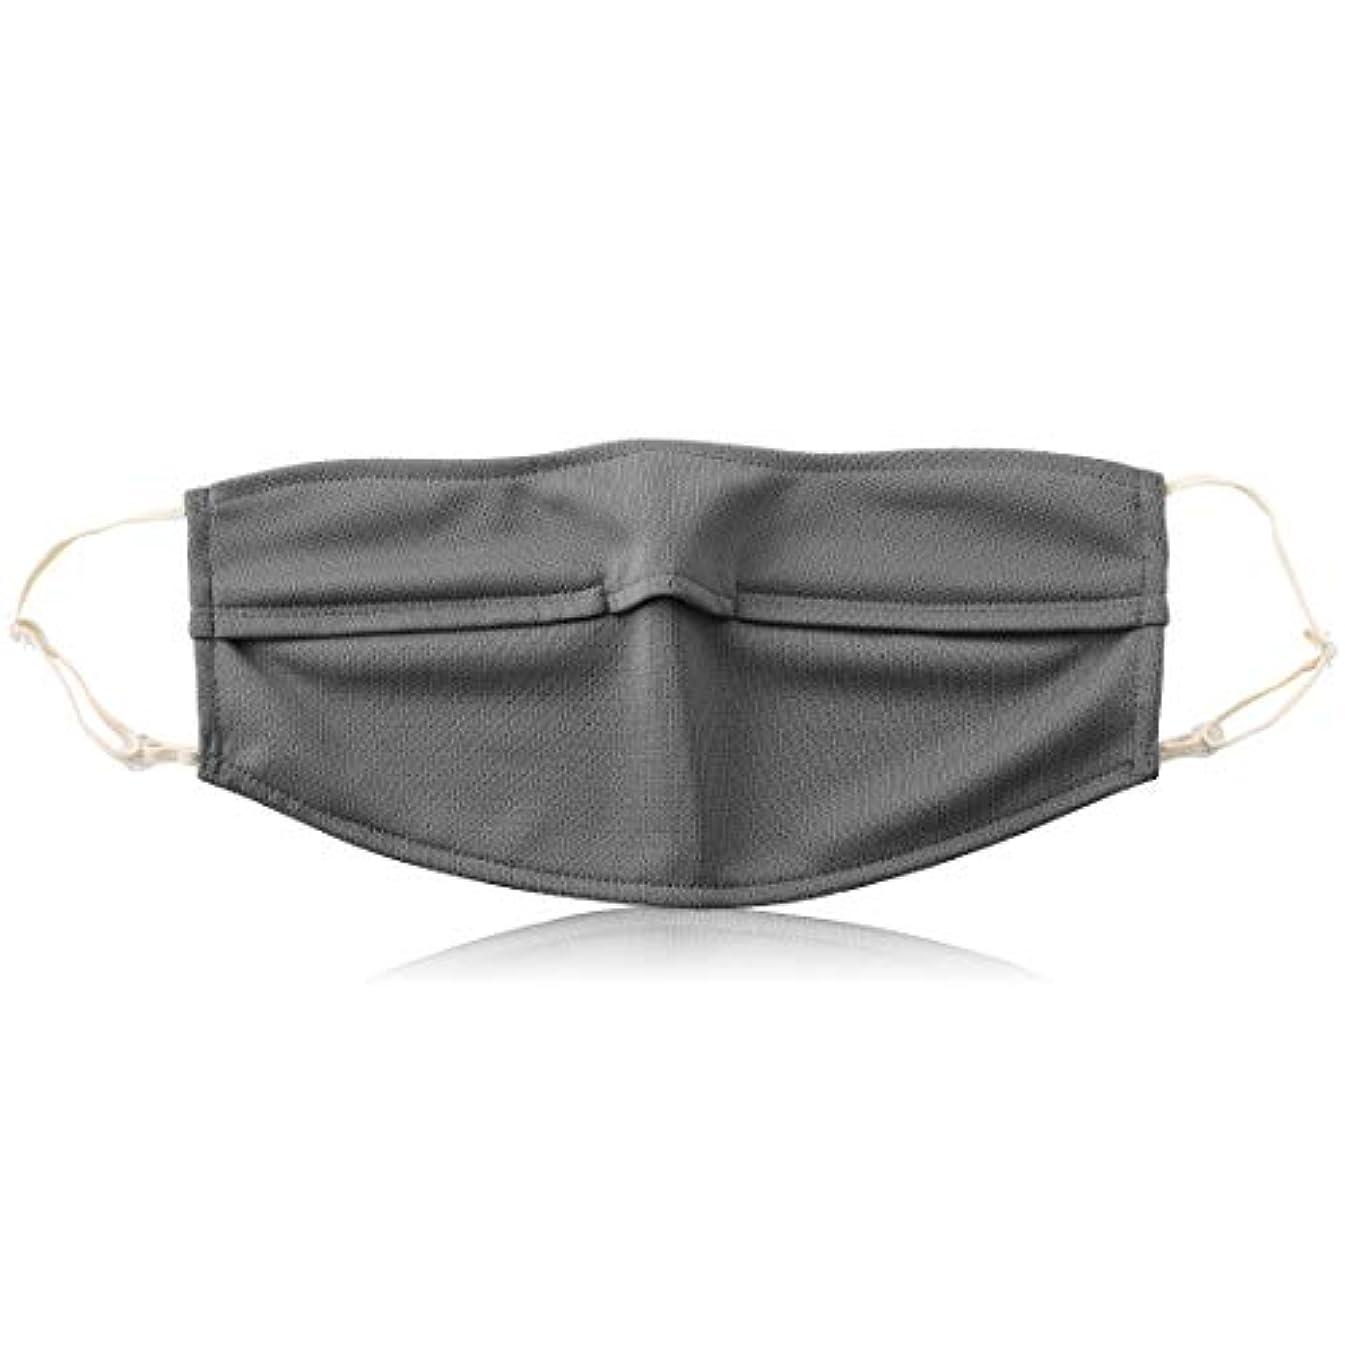 それスライス発明Qurra(Beauty)ヒカット 日本製 uvカットマスク UPF50+ 紫外線 98%カット 速乾 吸水 メンズ レディース 立体 洗える 耳紐調整 ダークグレー